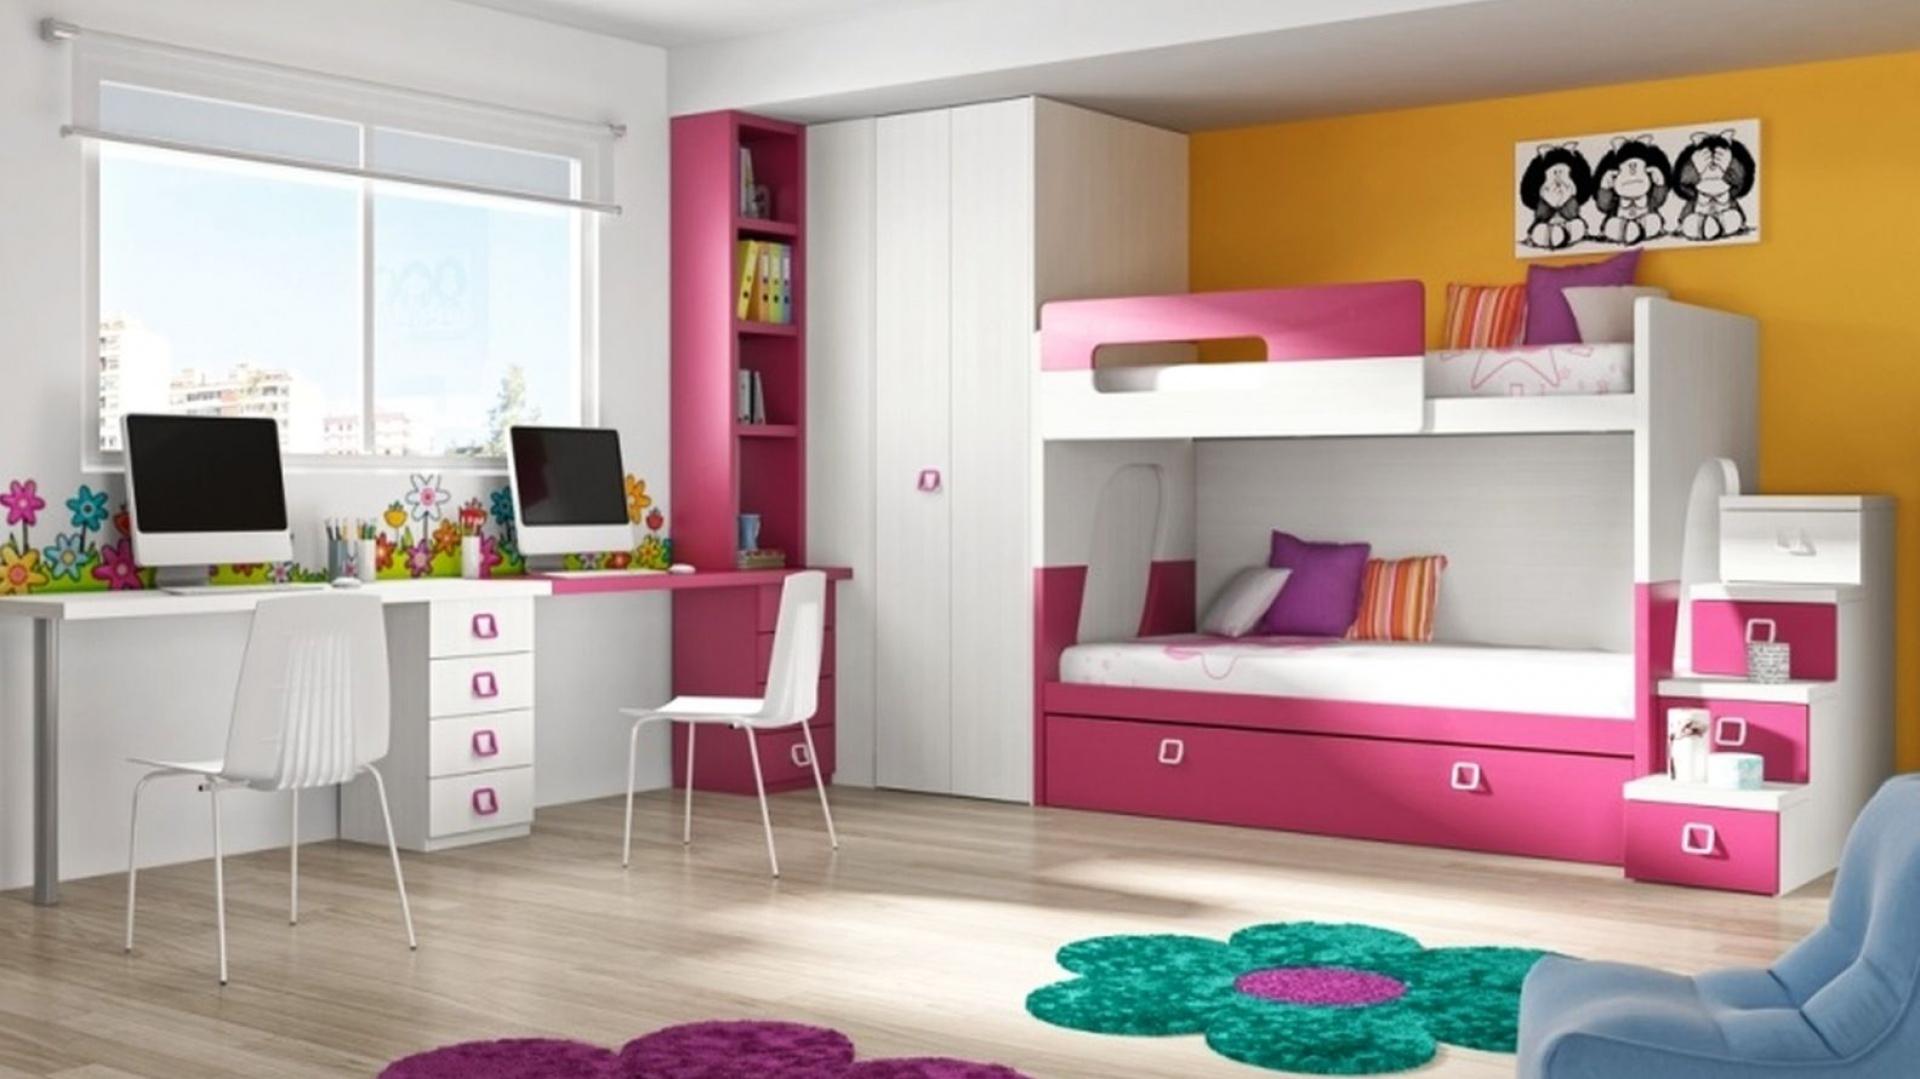 Odrębność przestrzeni...  Mały pokój 2 dzieci. Galeria inspirujących zdjęć